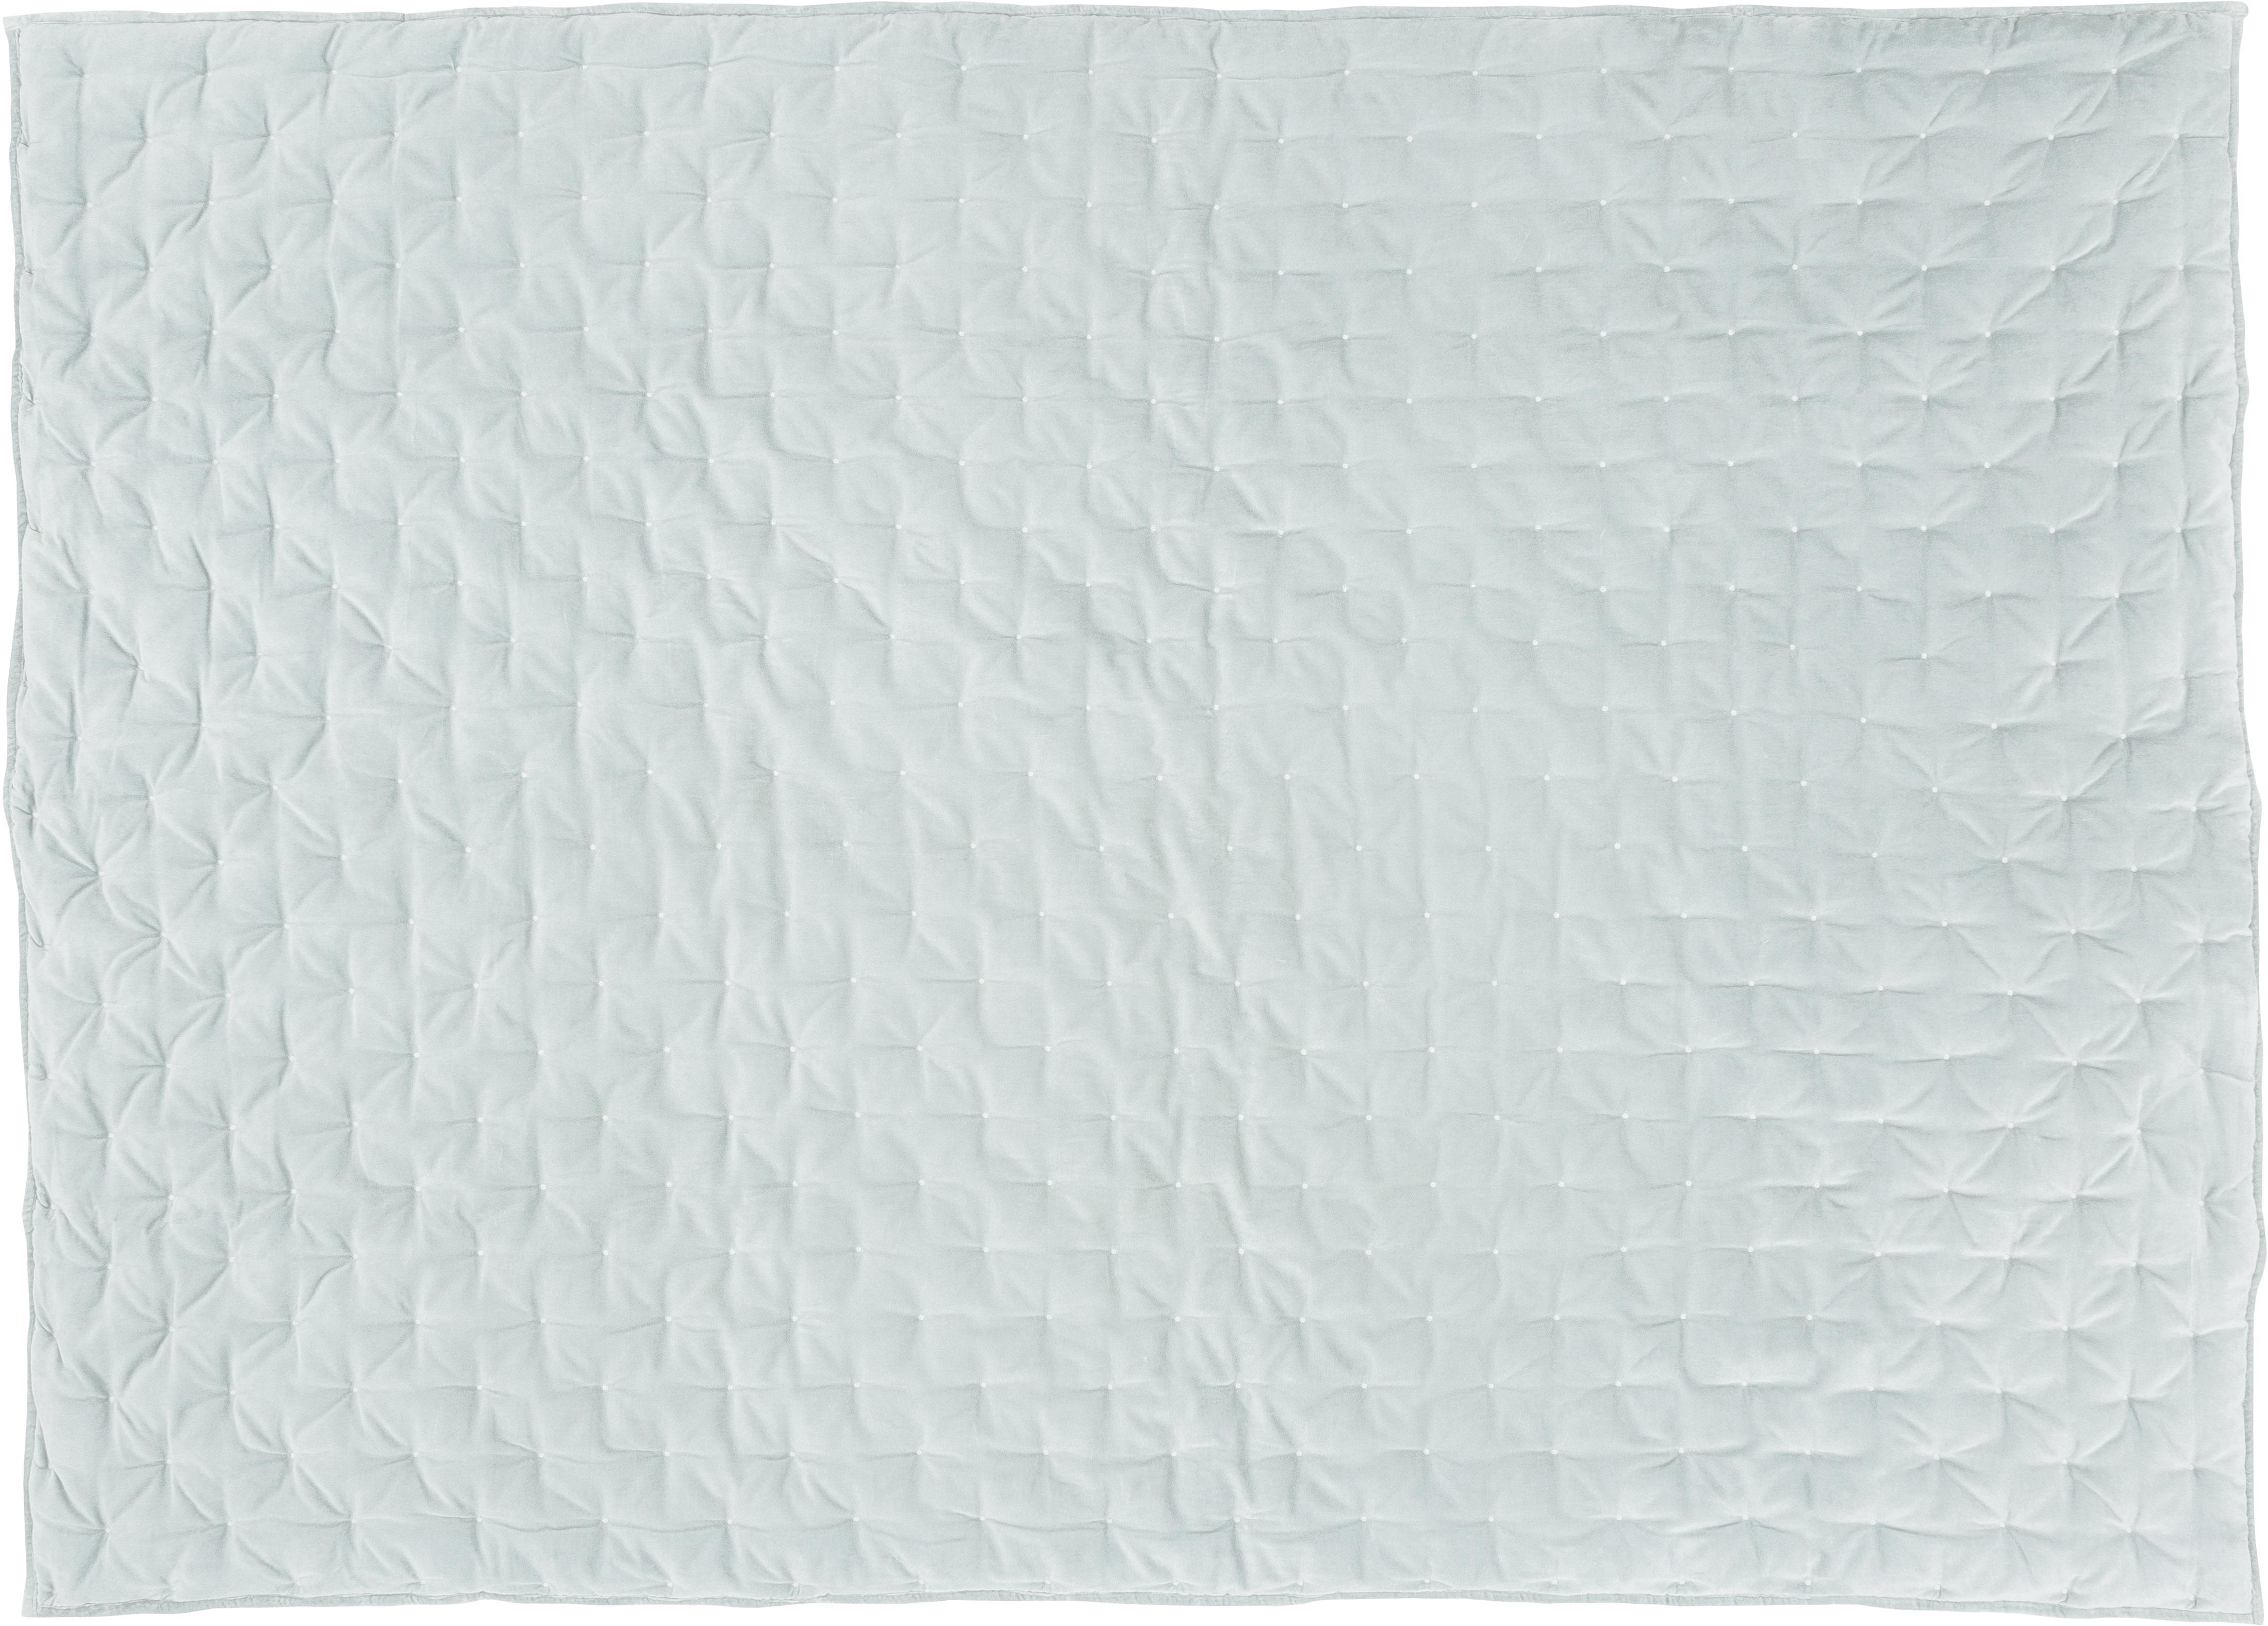 Wattierte Samt-Tagesdecke Cheryl mit dekorativer Steppung, Vorderseite: 100% Baumwollsamt, Rückseite: 100% Baumwolle, Salbeigrün, 240 x 250 cm